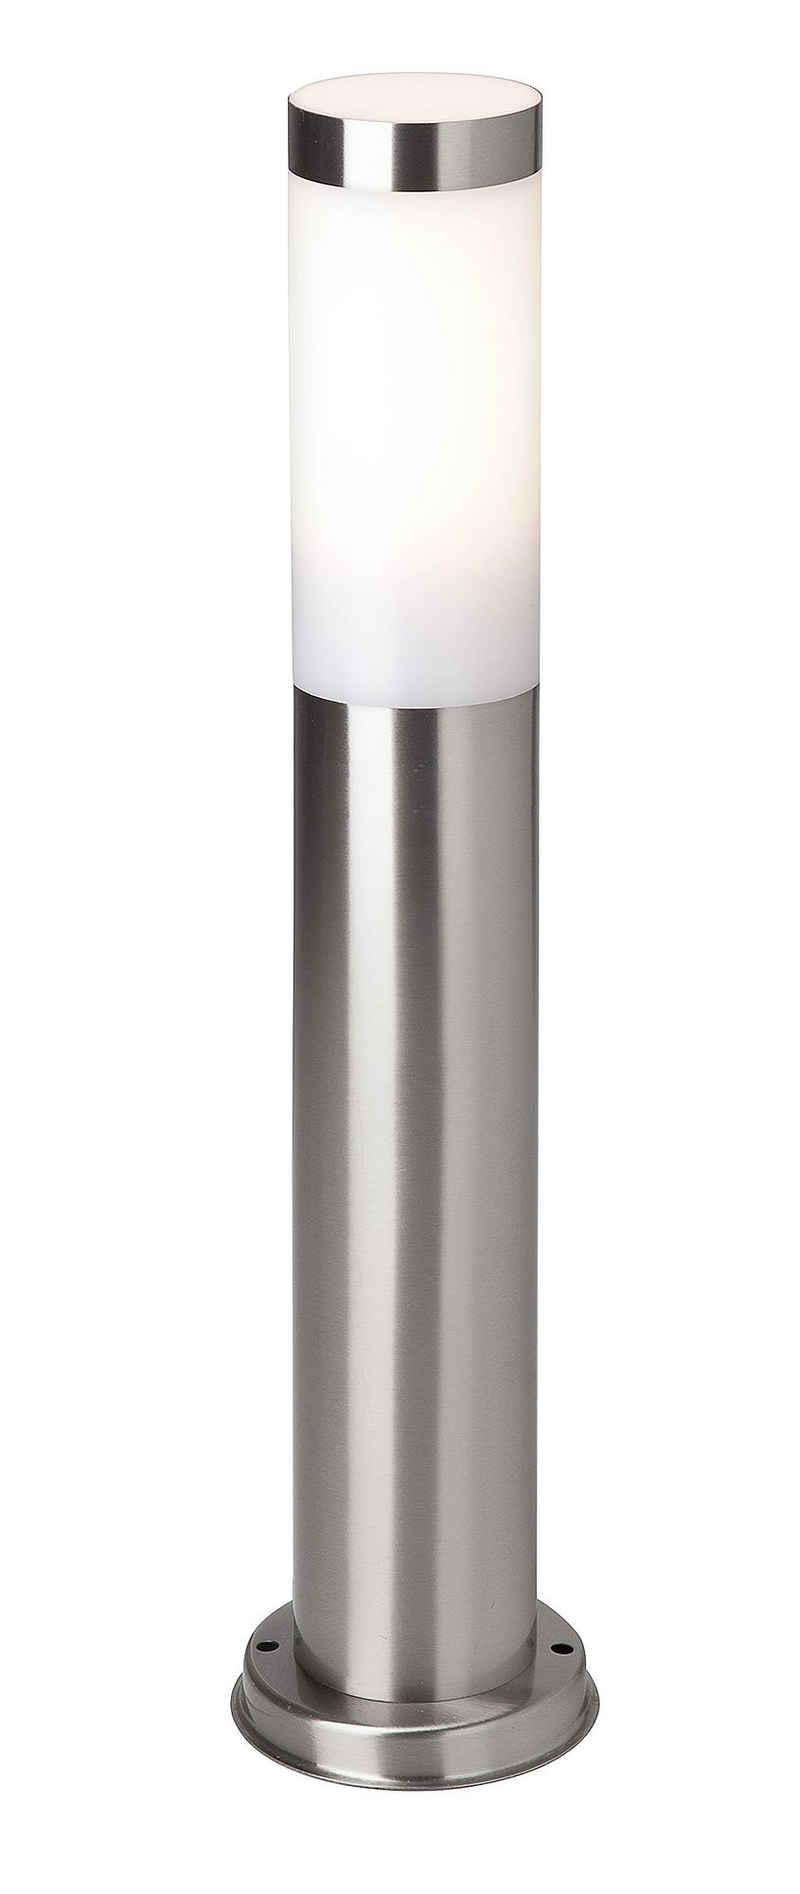 Brilliant Leuchten Sockelleuchte »Chorus«, Außensockellampe 51cm edelstahl